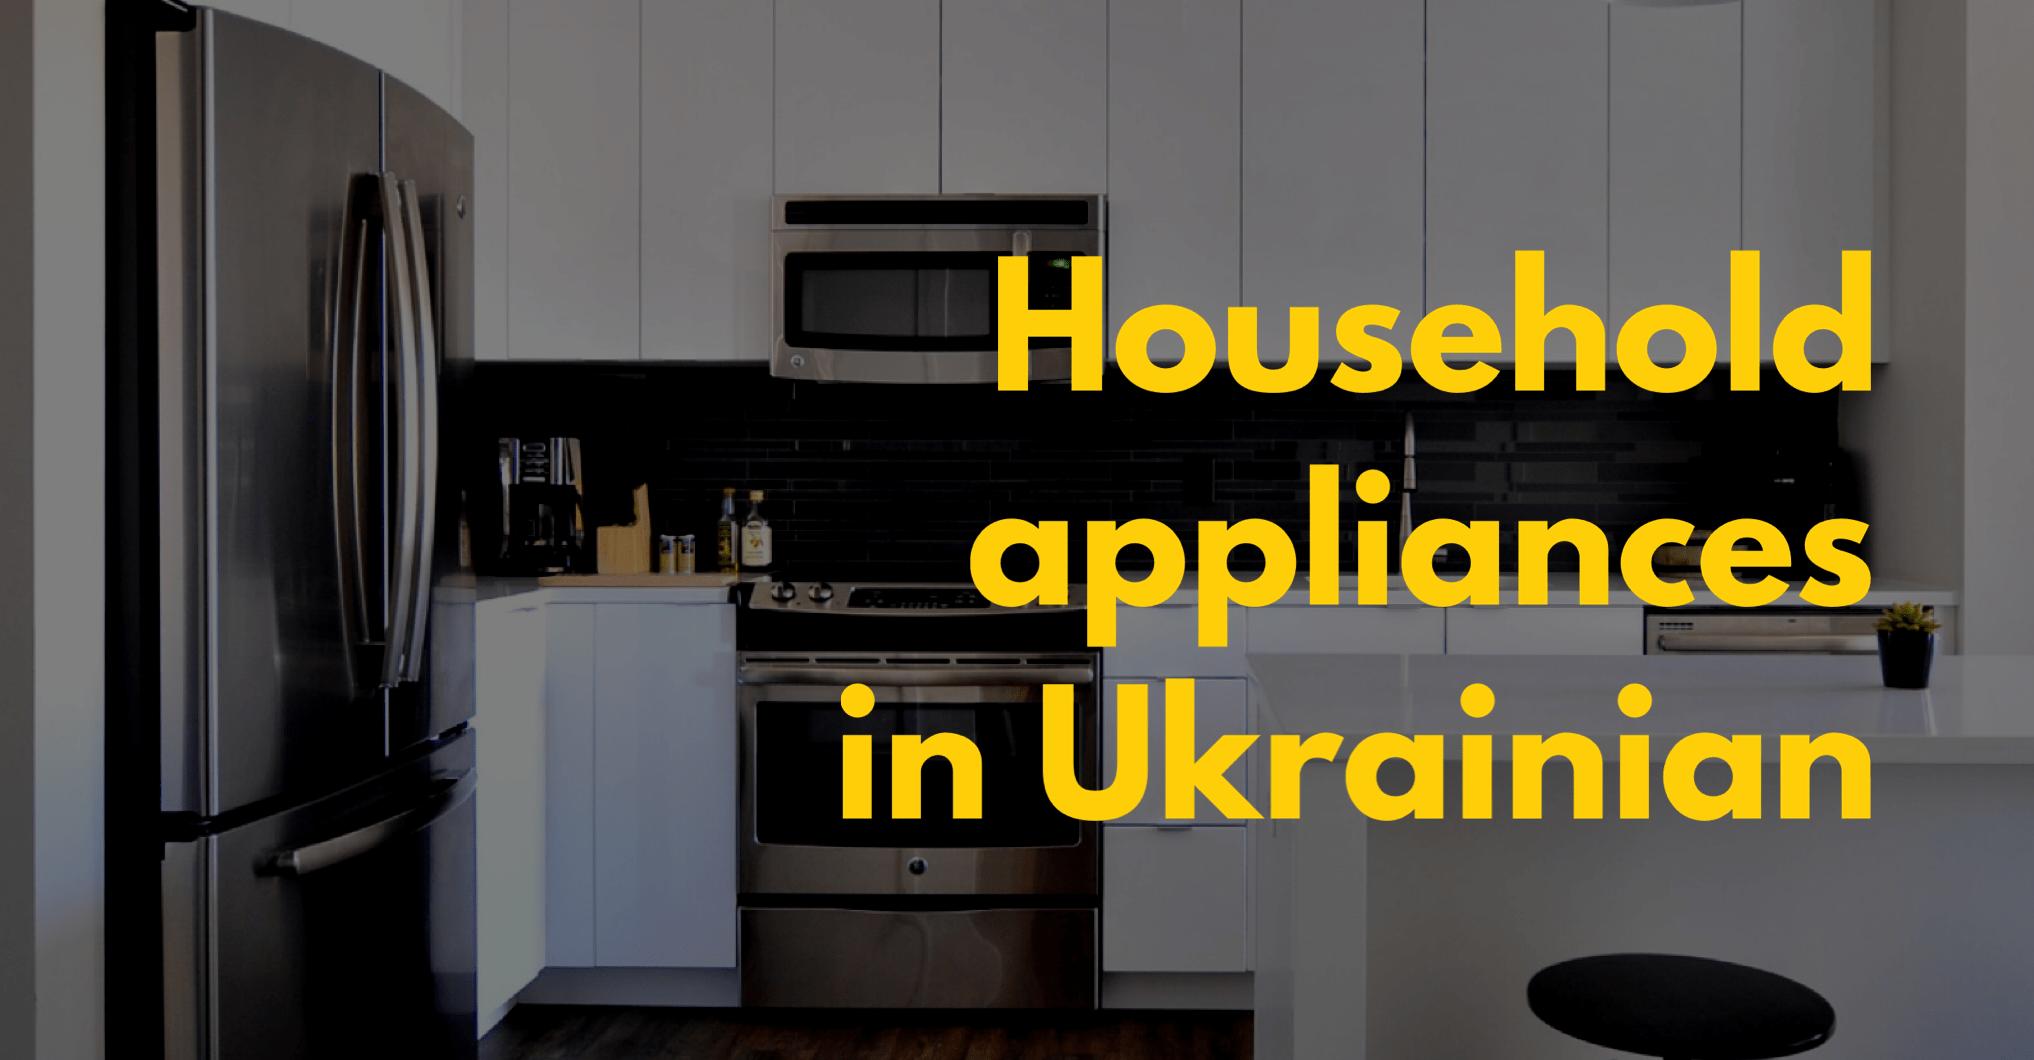 Побутова техніка – Household appliances in Ukrainian